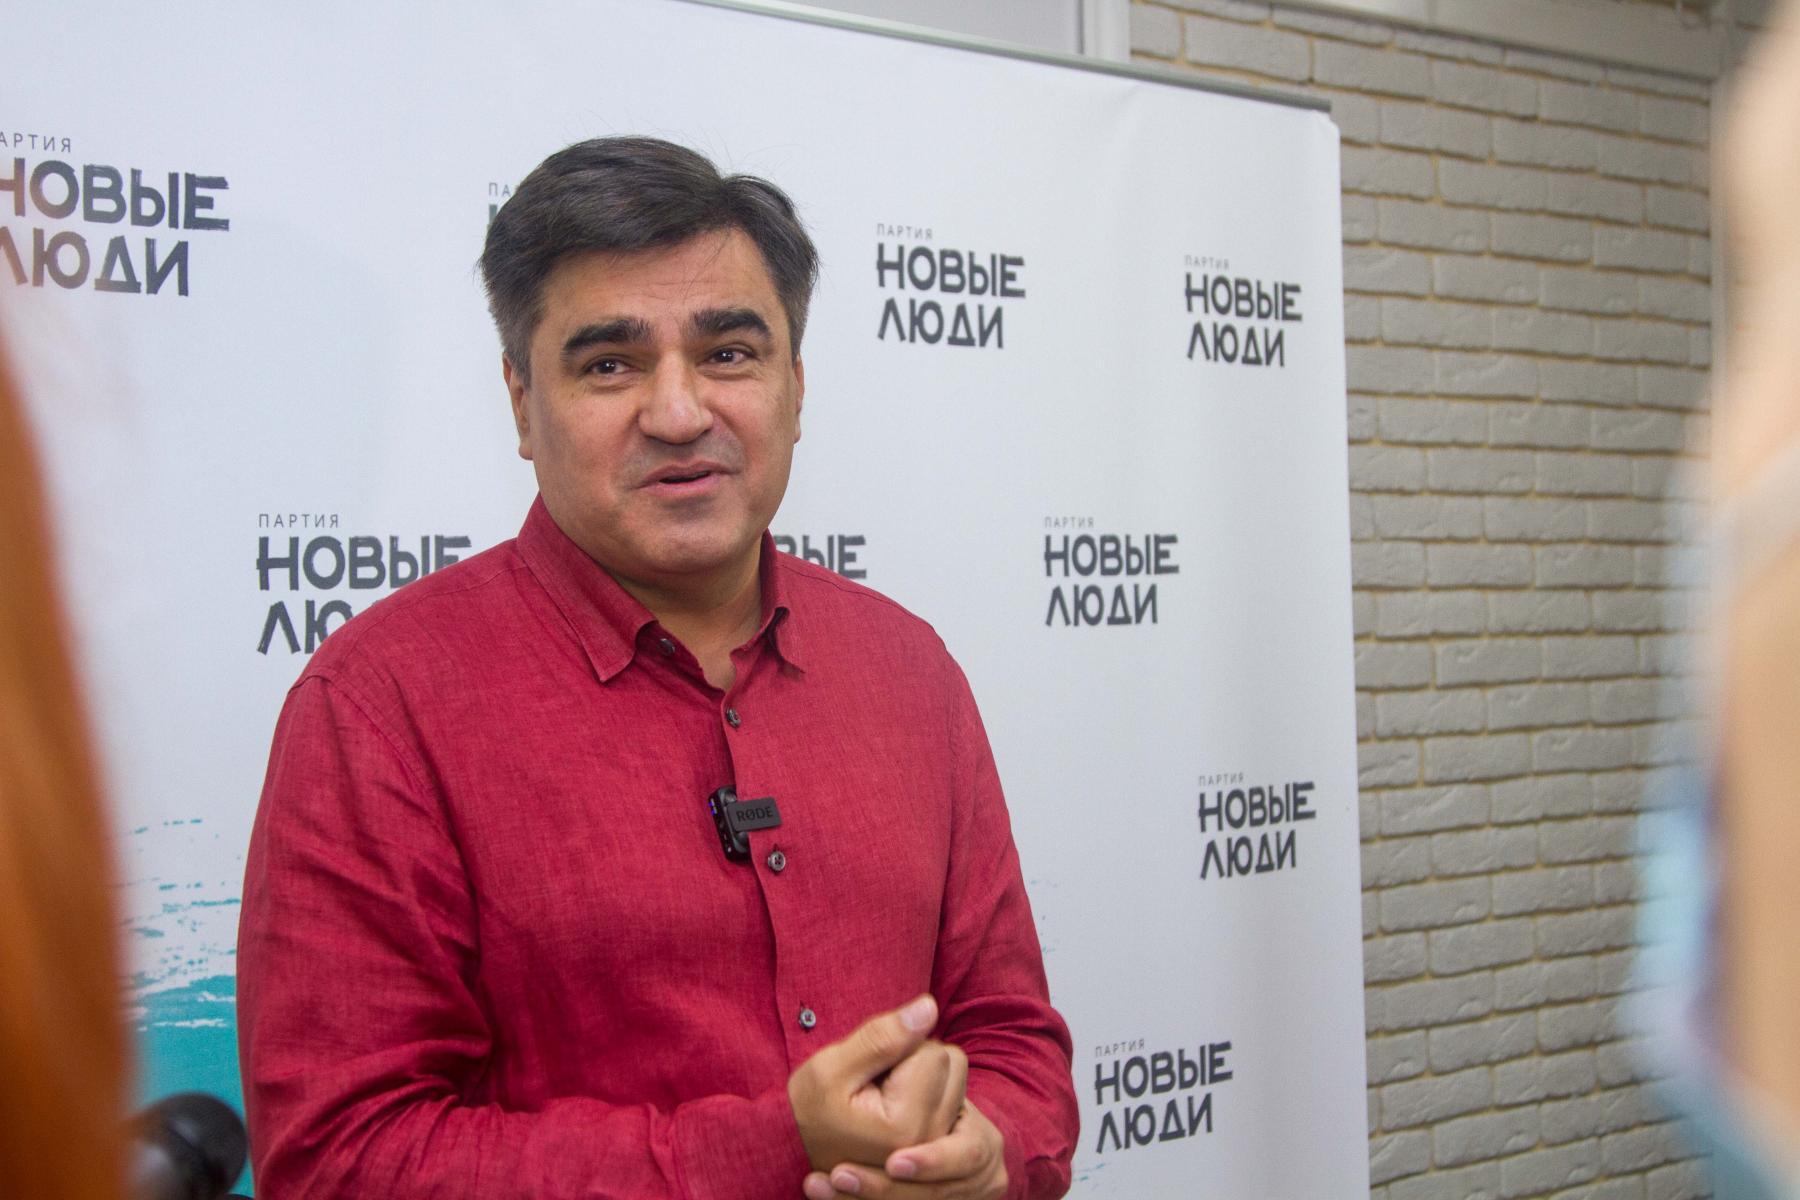 фото С фуршетом и без социальной дистанции: политическая партия устроила большую пресс-конференцию во время пандемии в Новосибирске 5